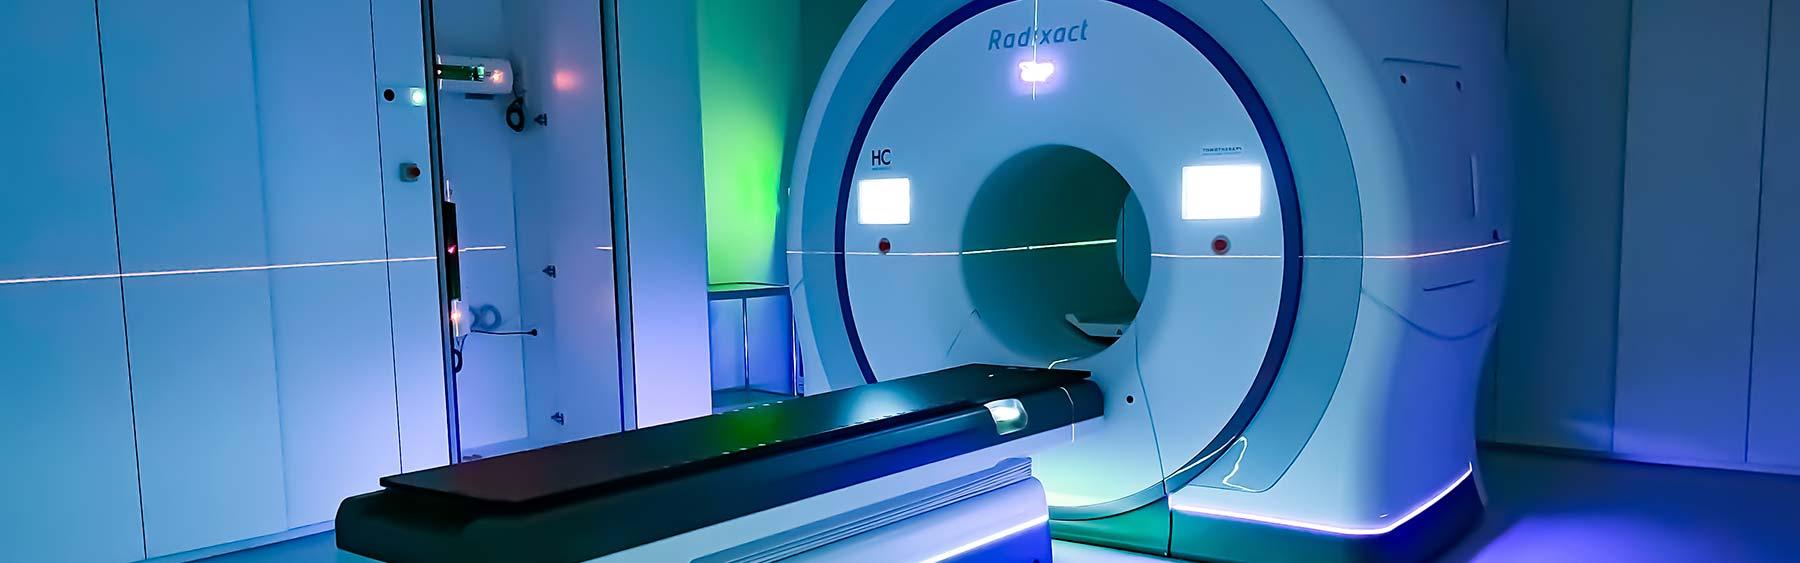 La nueva radioterapia